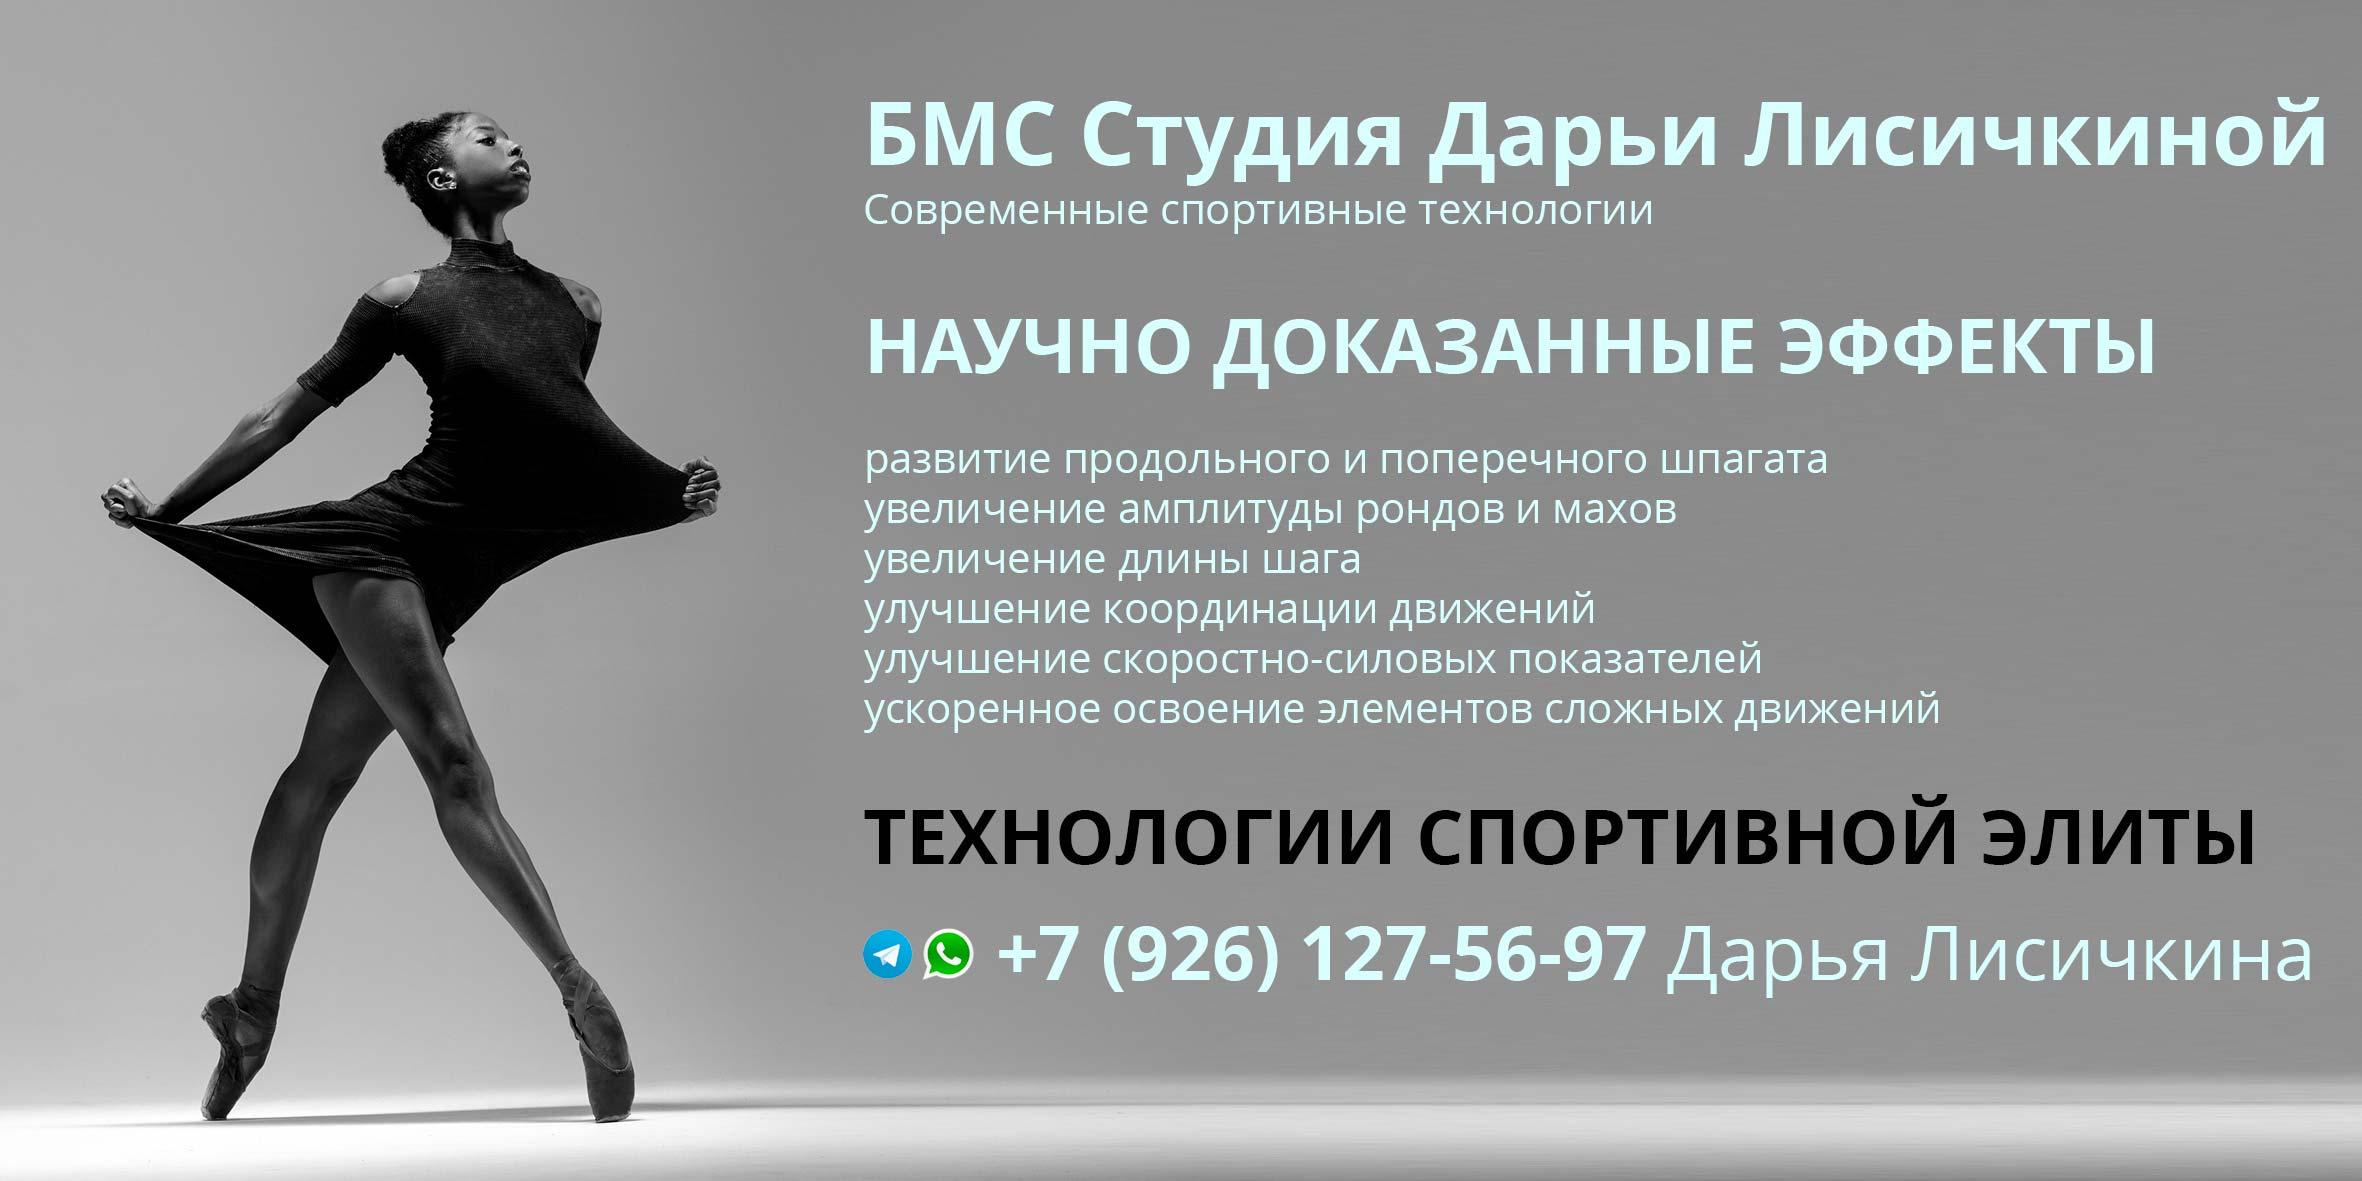 Студия растяжки и шпагата Дарьи Лисичкиной